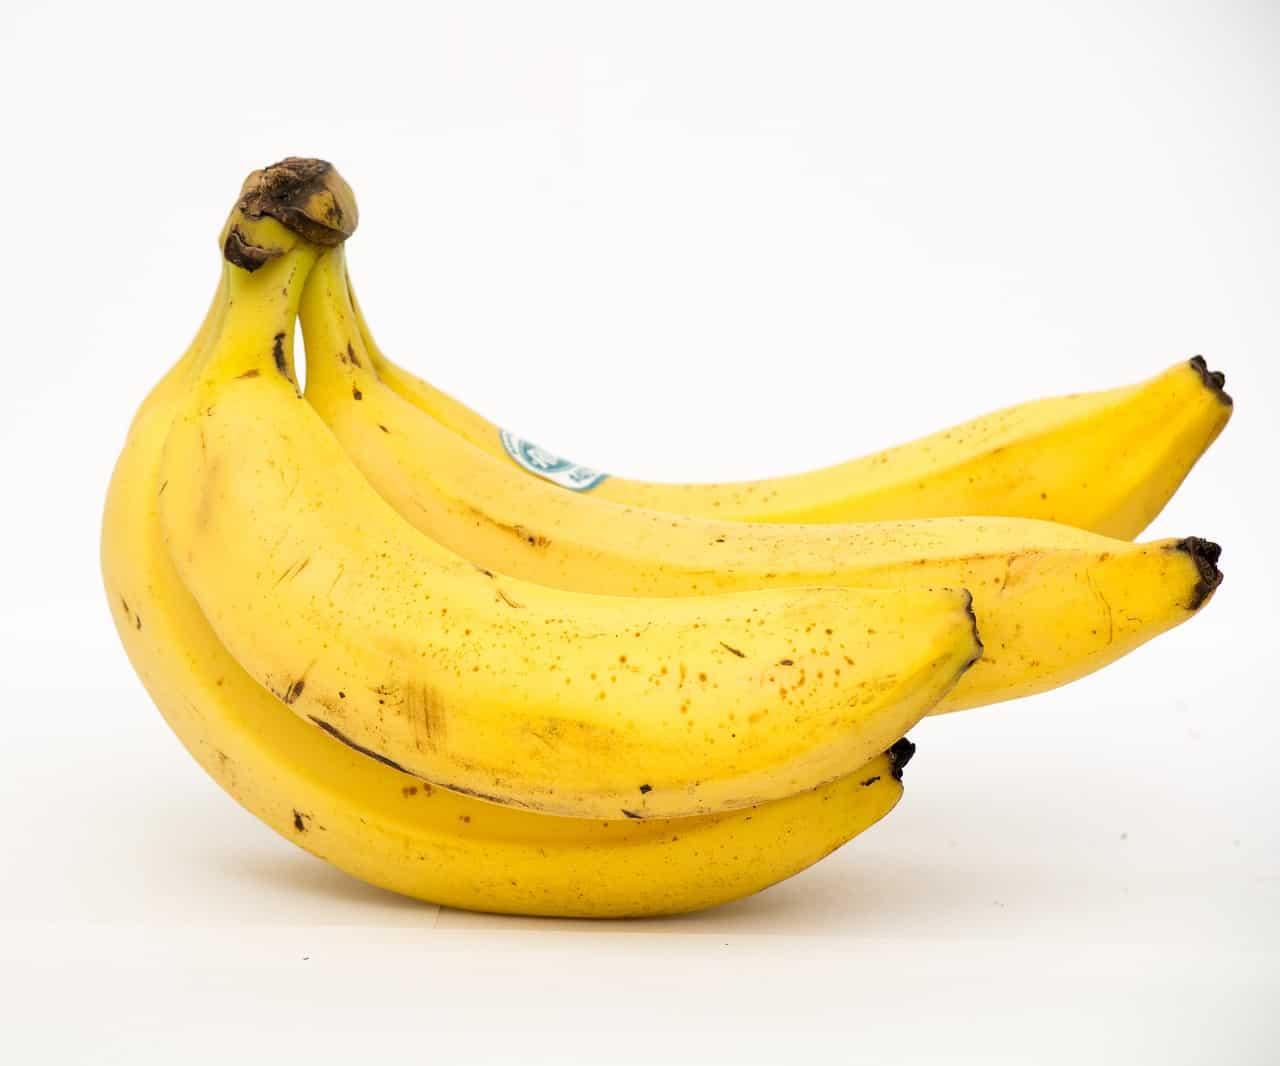 Bananas for a Runner's Diet